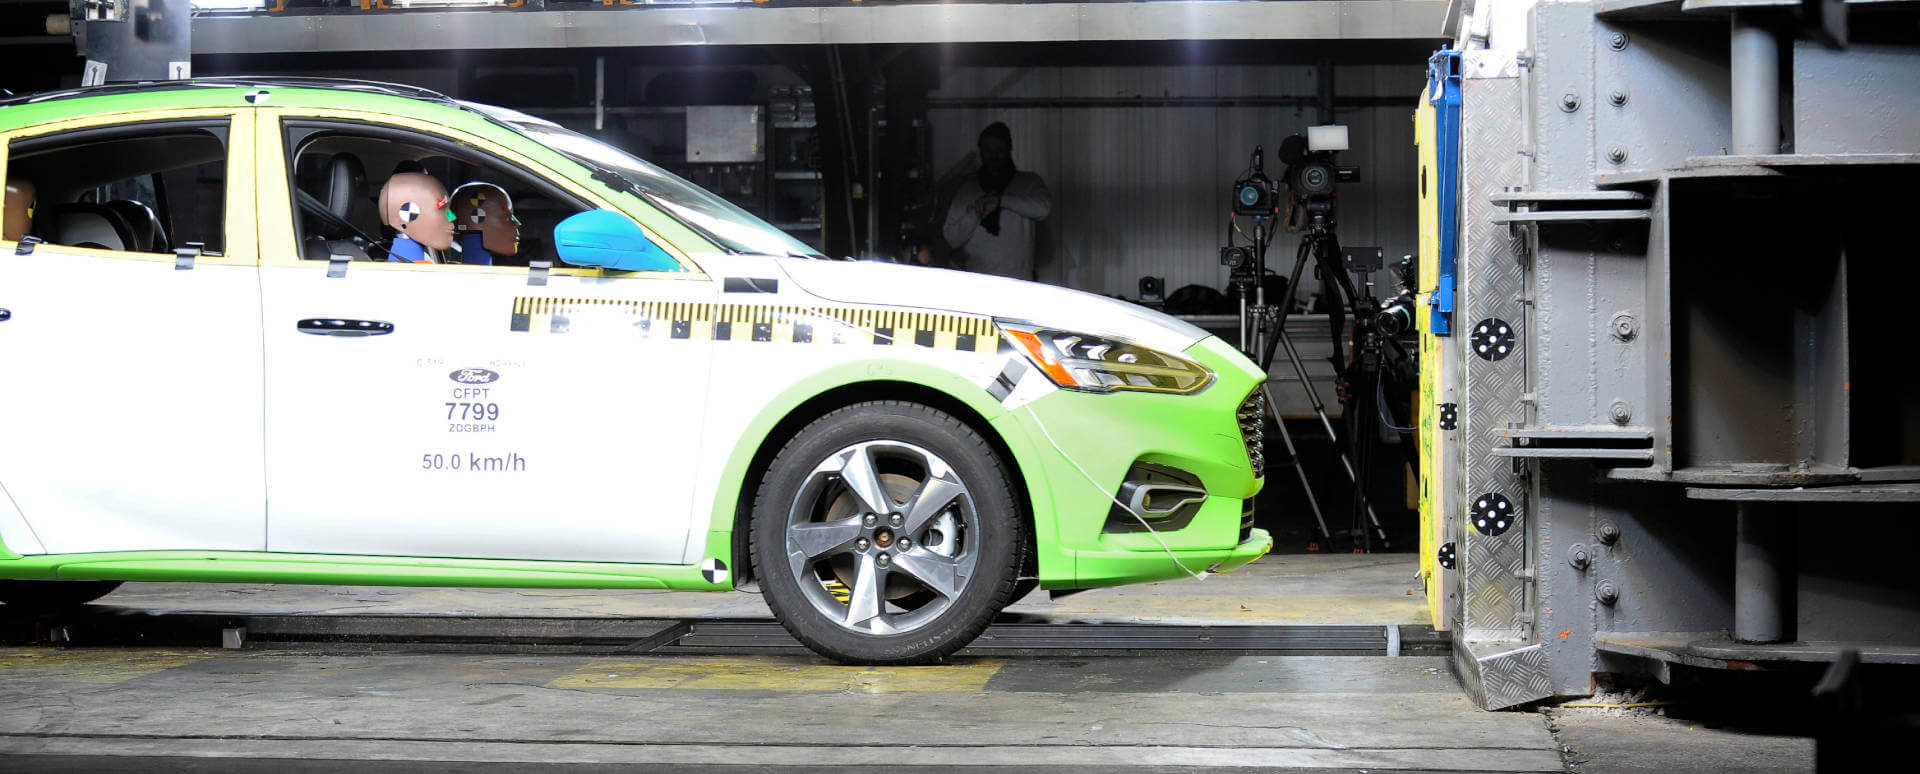 Ford Focus Crash Test